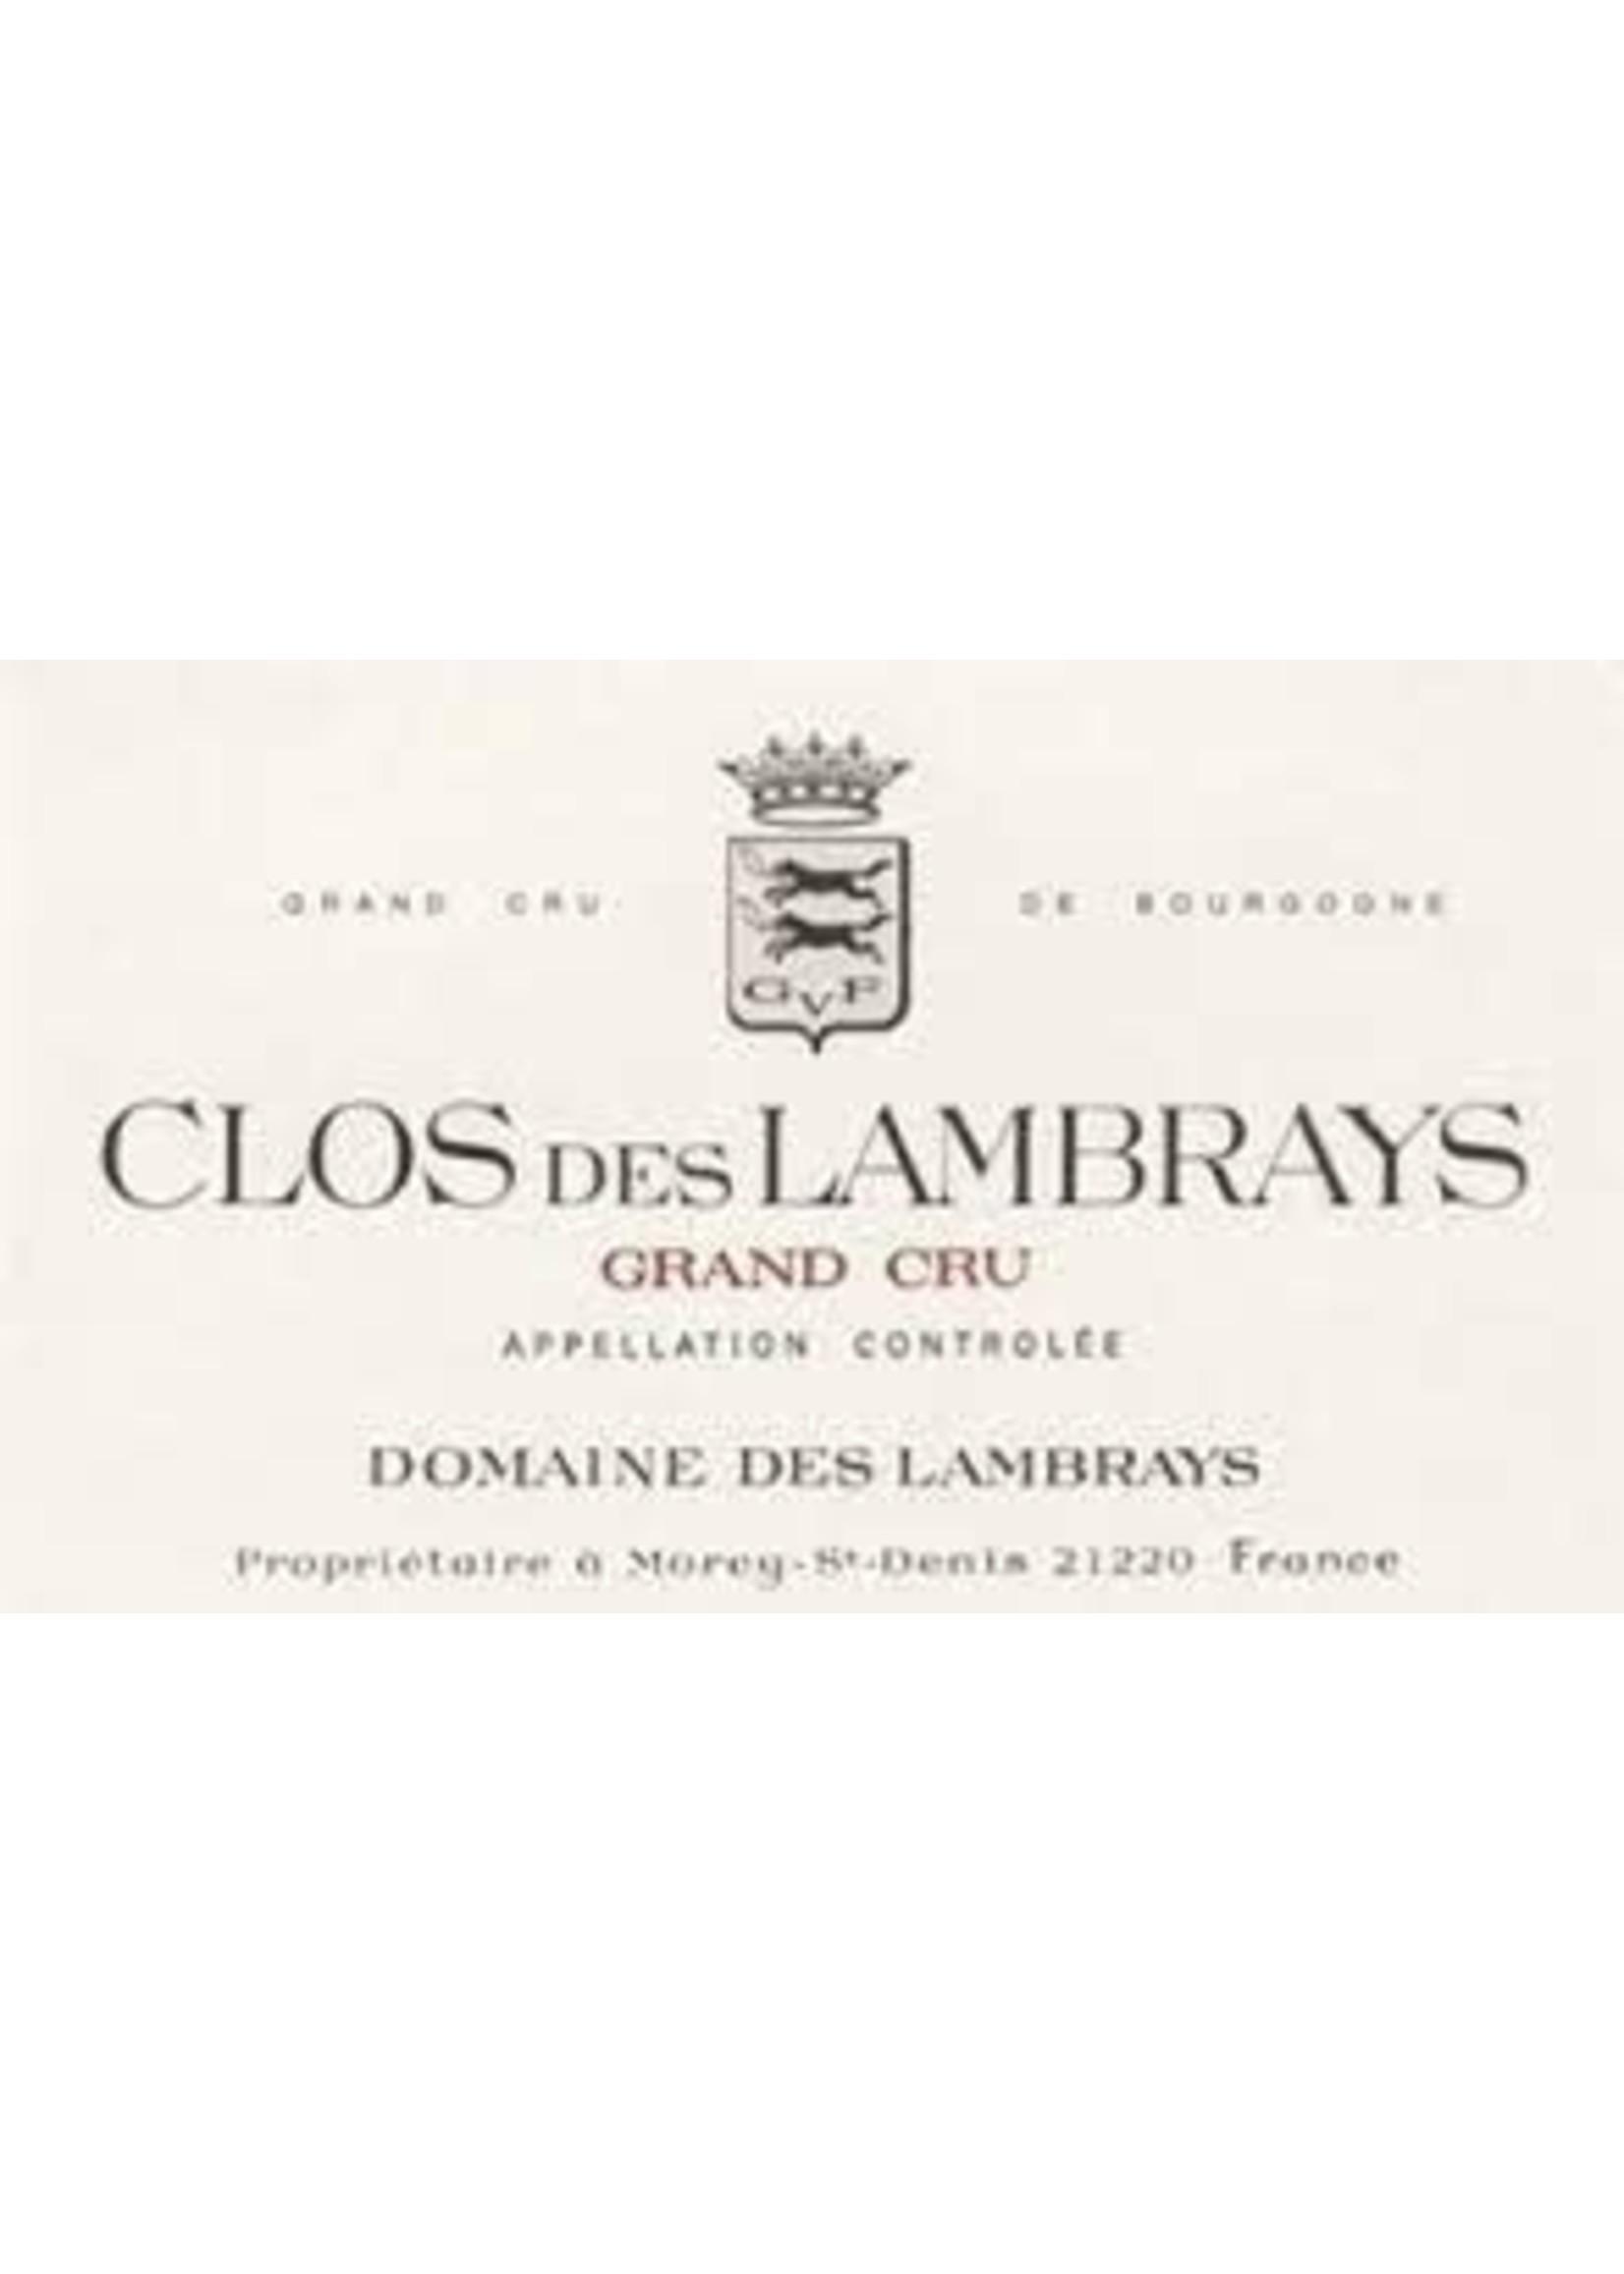 Domaine des Lambrays 2014 Clos des Lambrays Grand Cru 750ml [PRE-ARRIVAL]